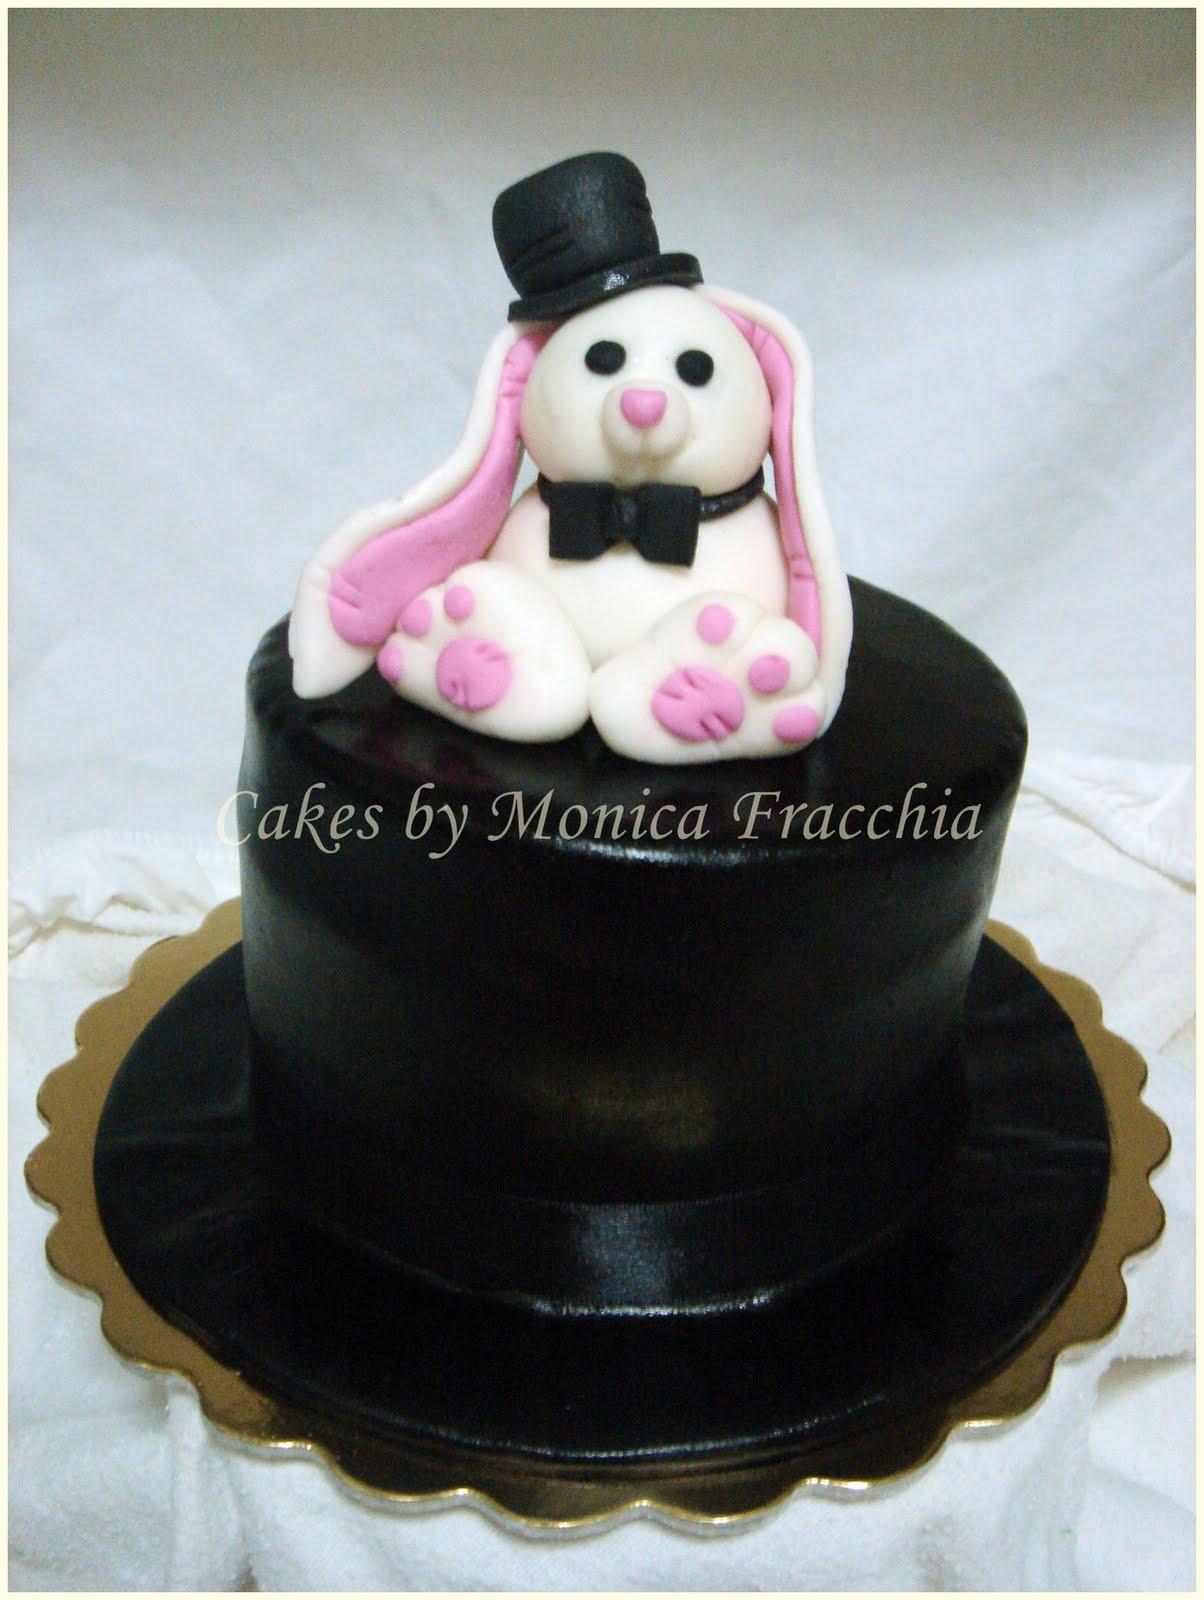 Monica S Cakes